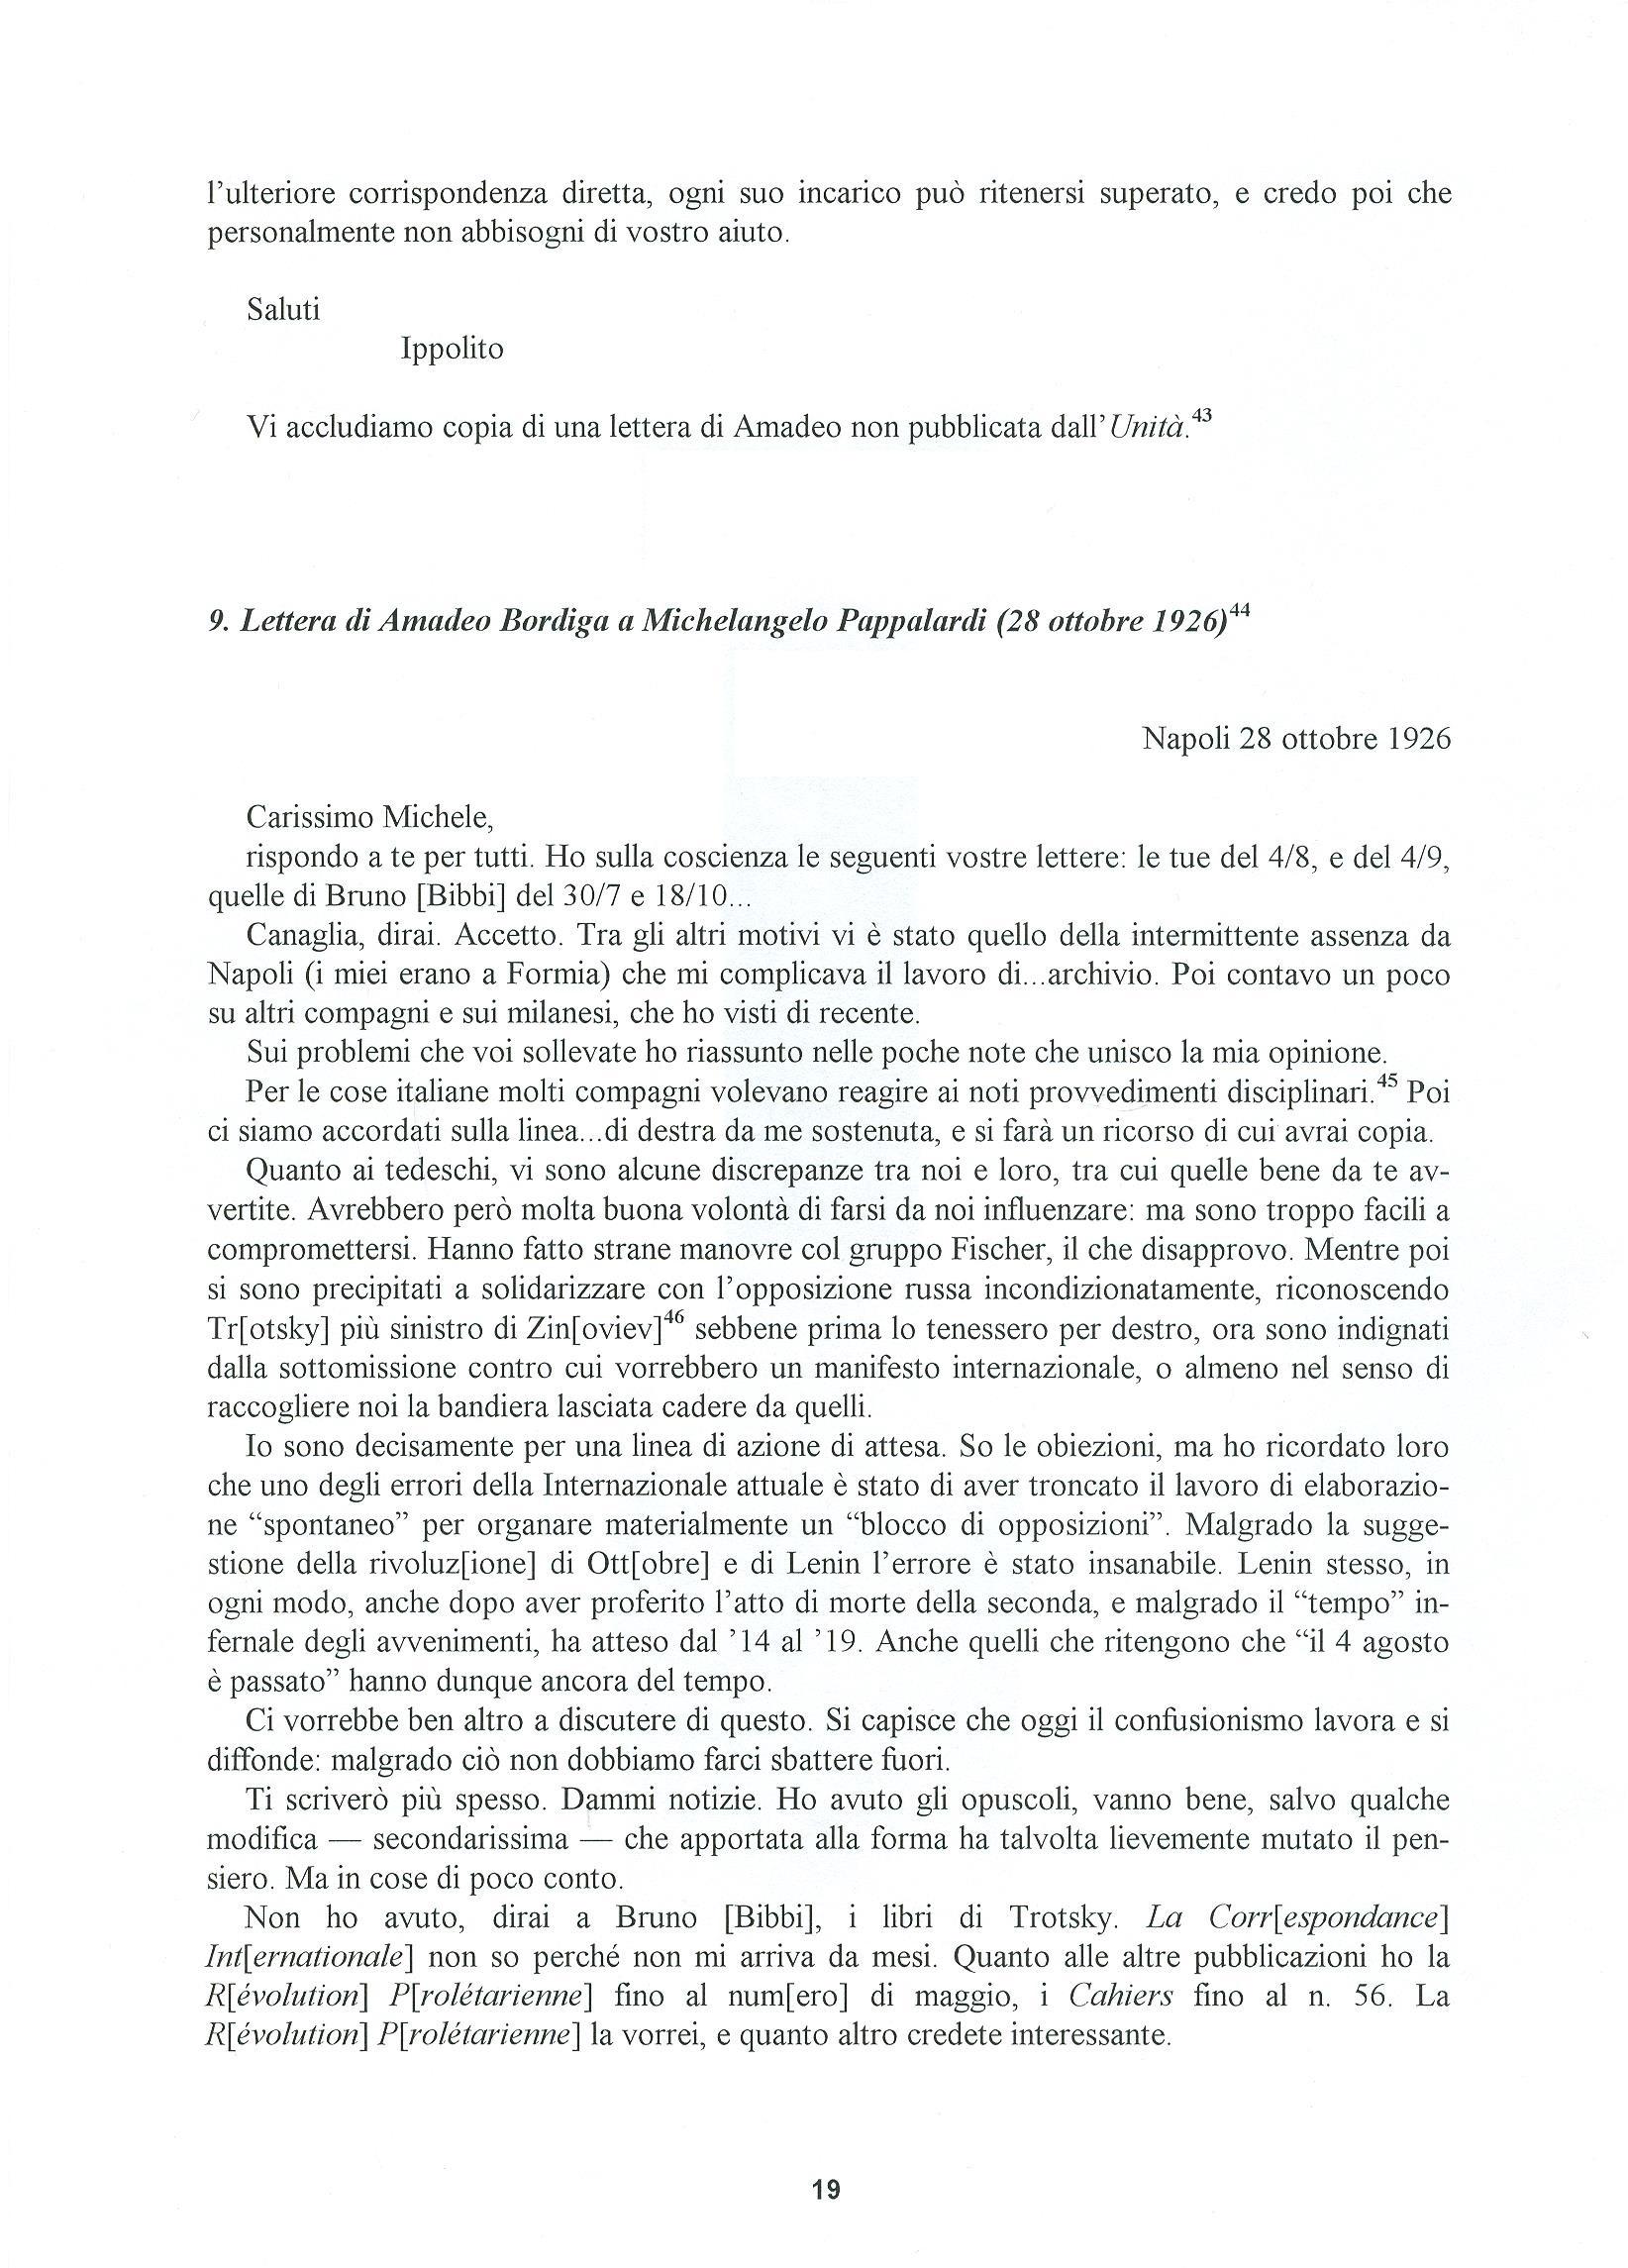 Quaderni del Centro Studi Pietro Tresso (1996-2009) n. 14 (novembre 1998) - pag. 20